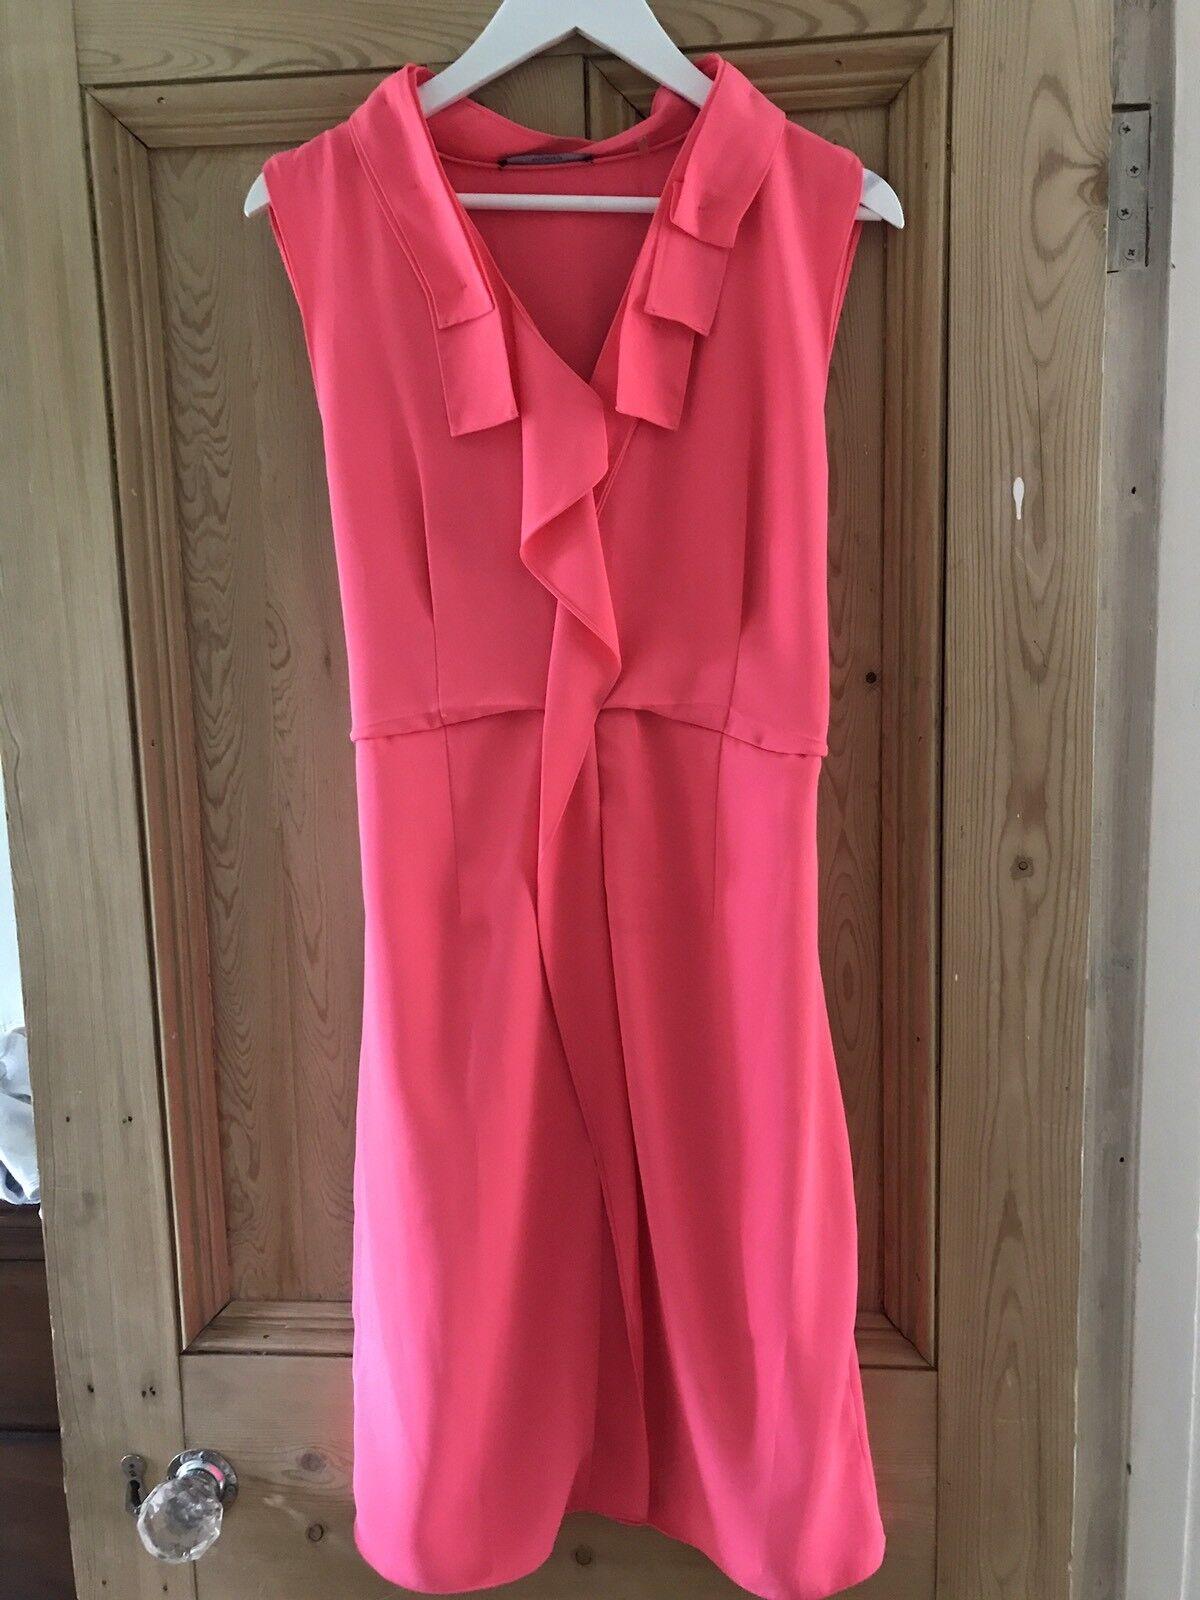 TAHARI Sheath Dress  Bright Pink Women's Size